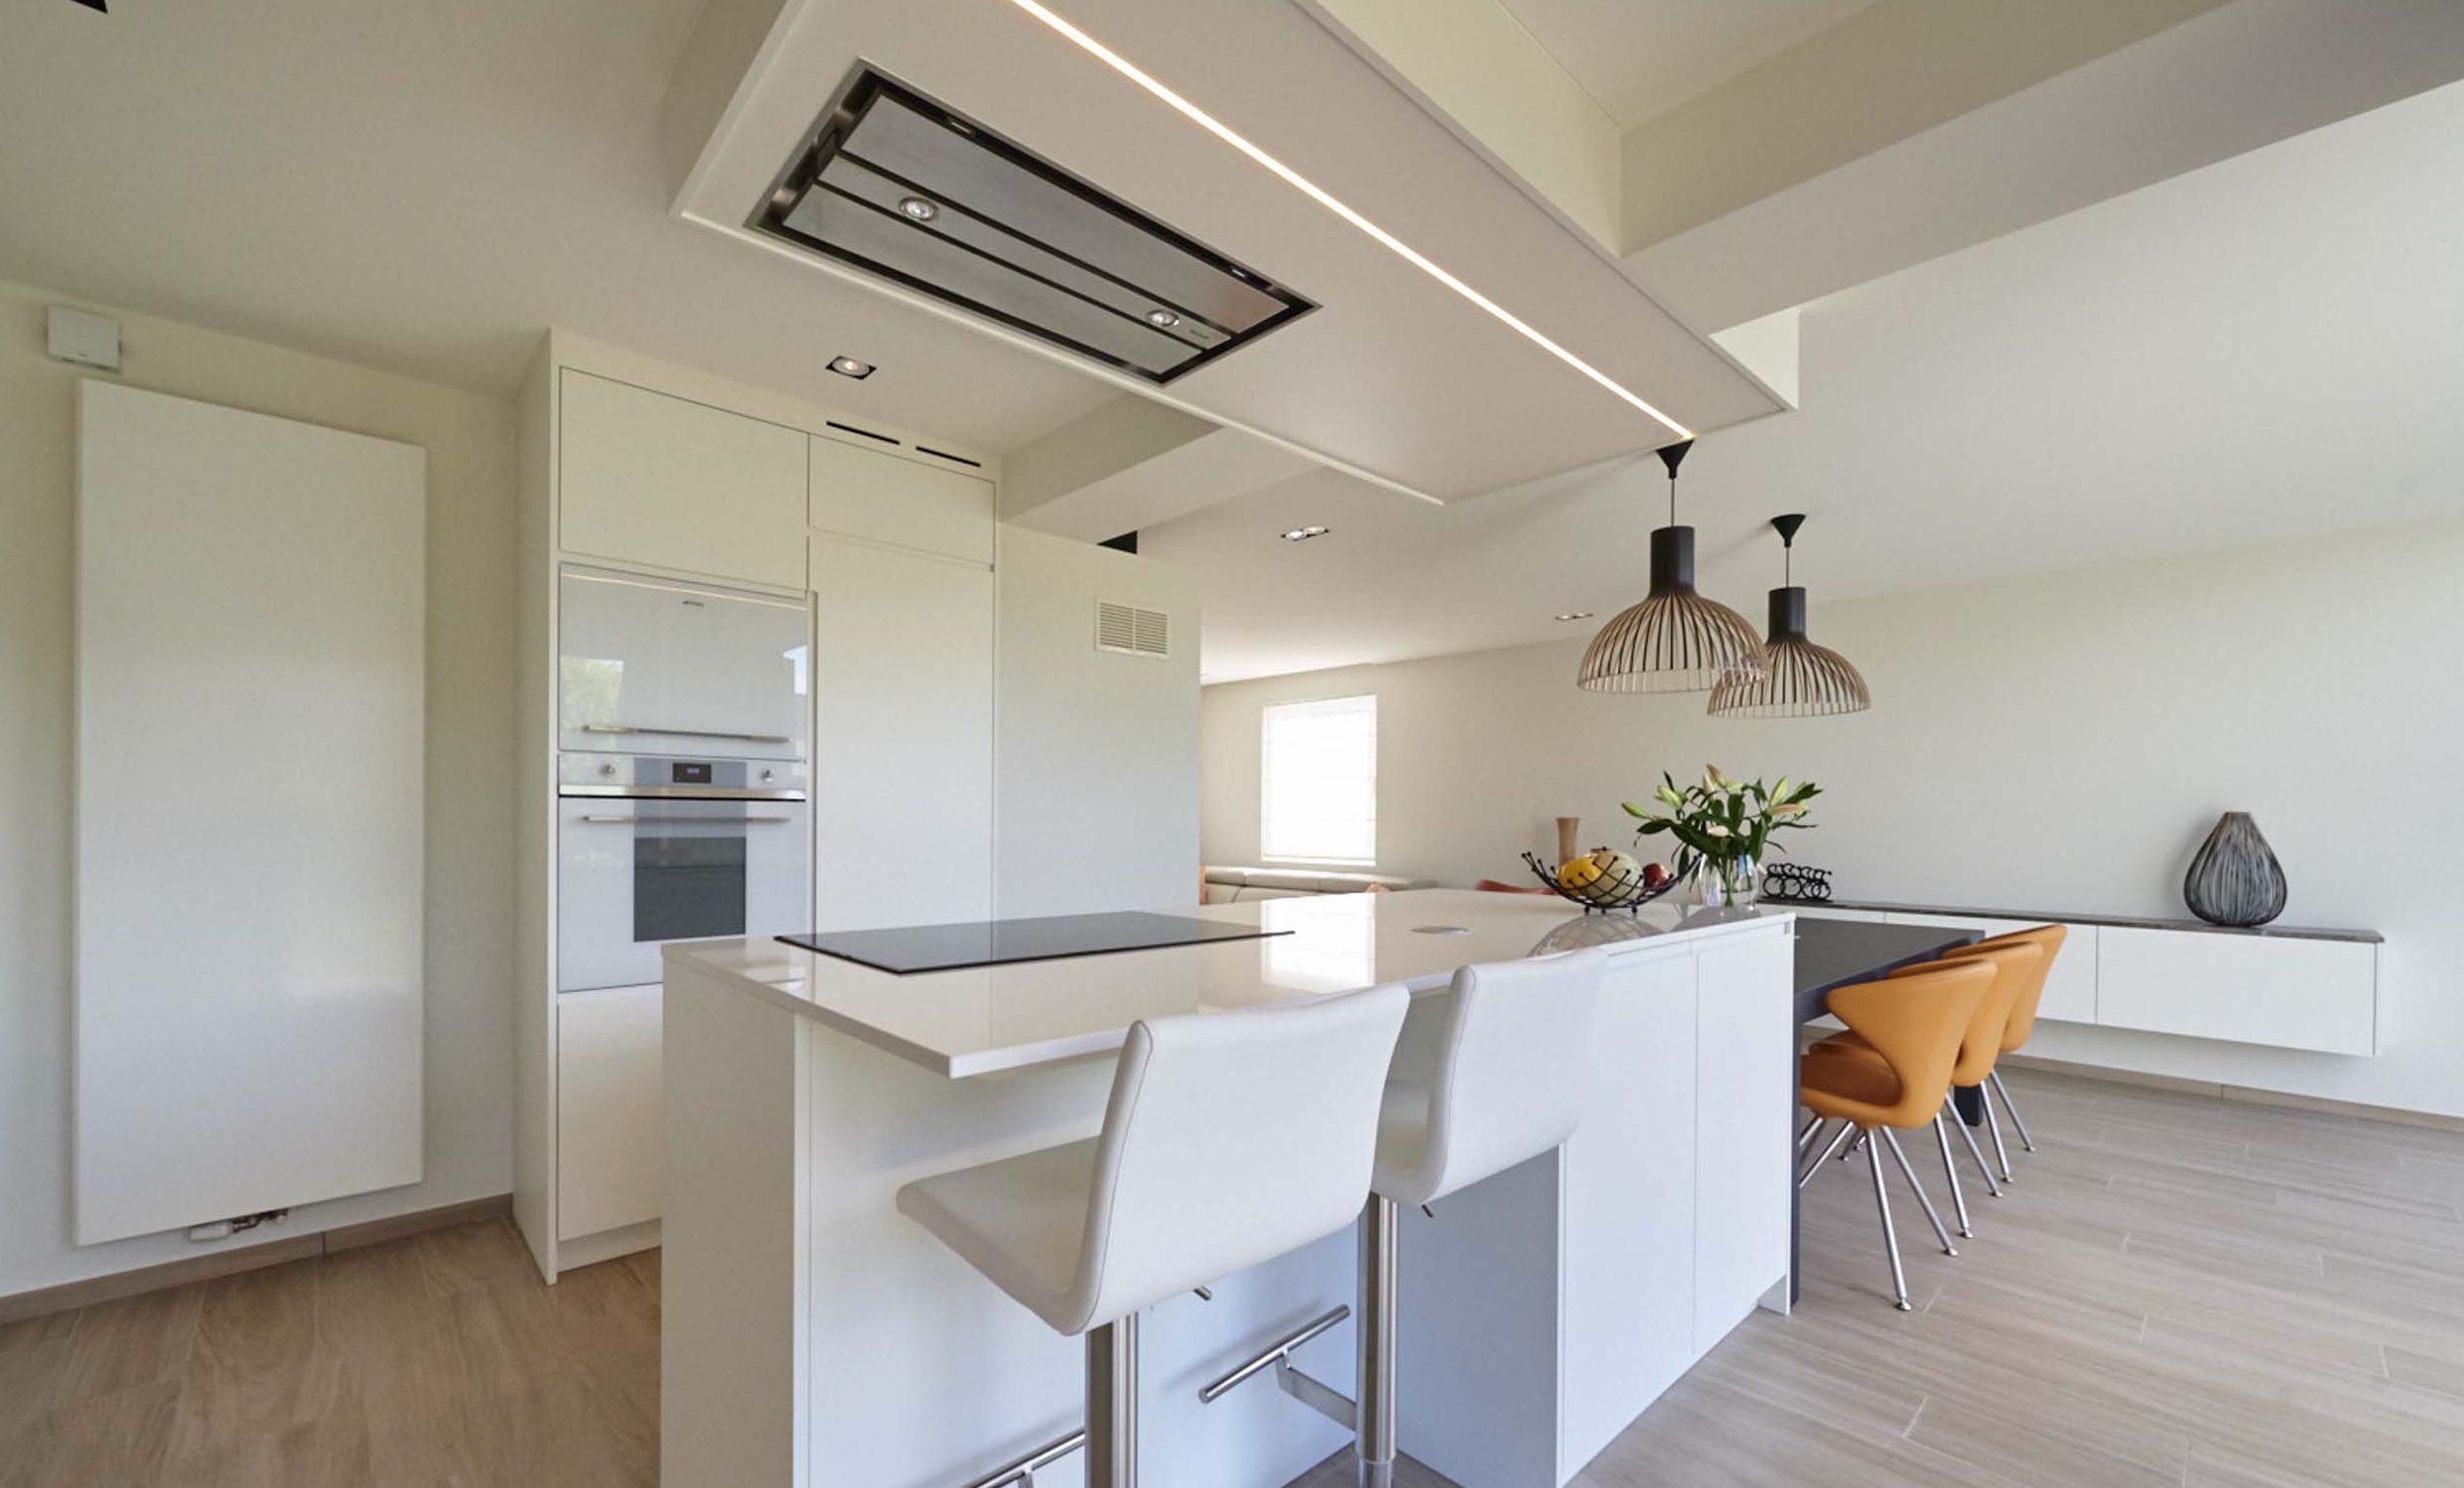 Vanda-projects-interieurinrichting-meubelmakerij-oost-vlaanderen-mortier-kookplaat